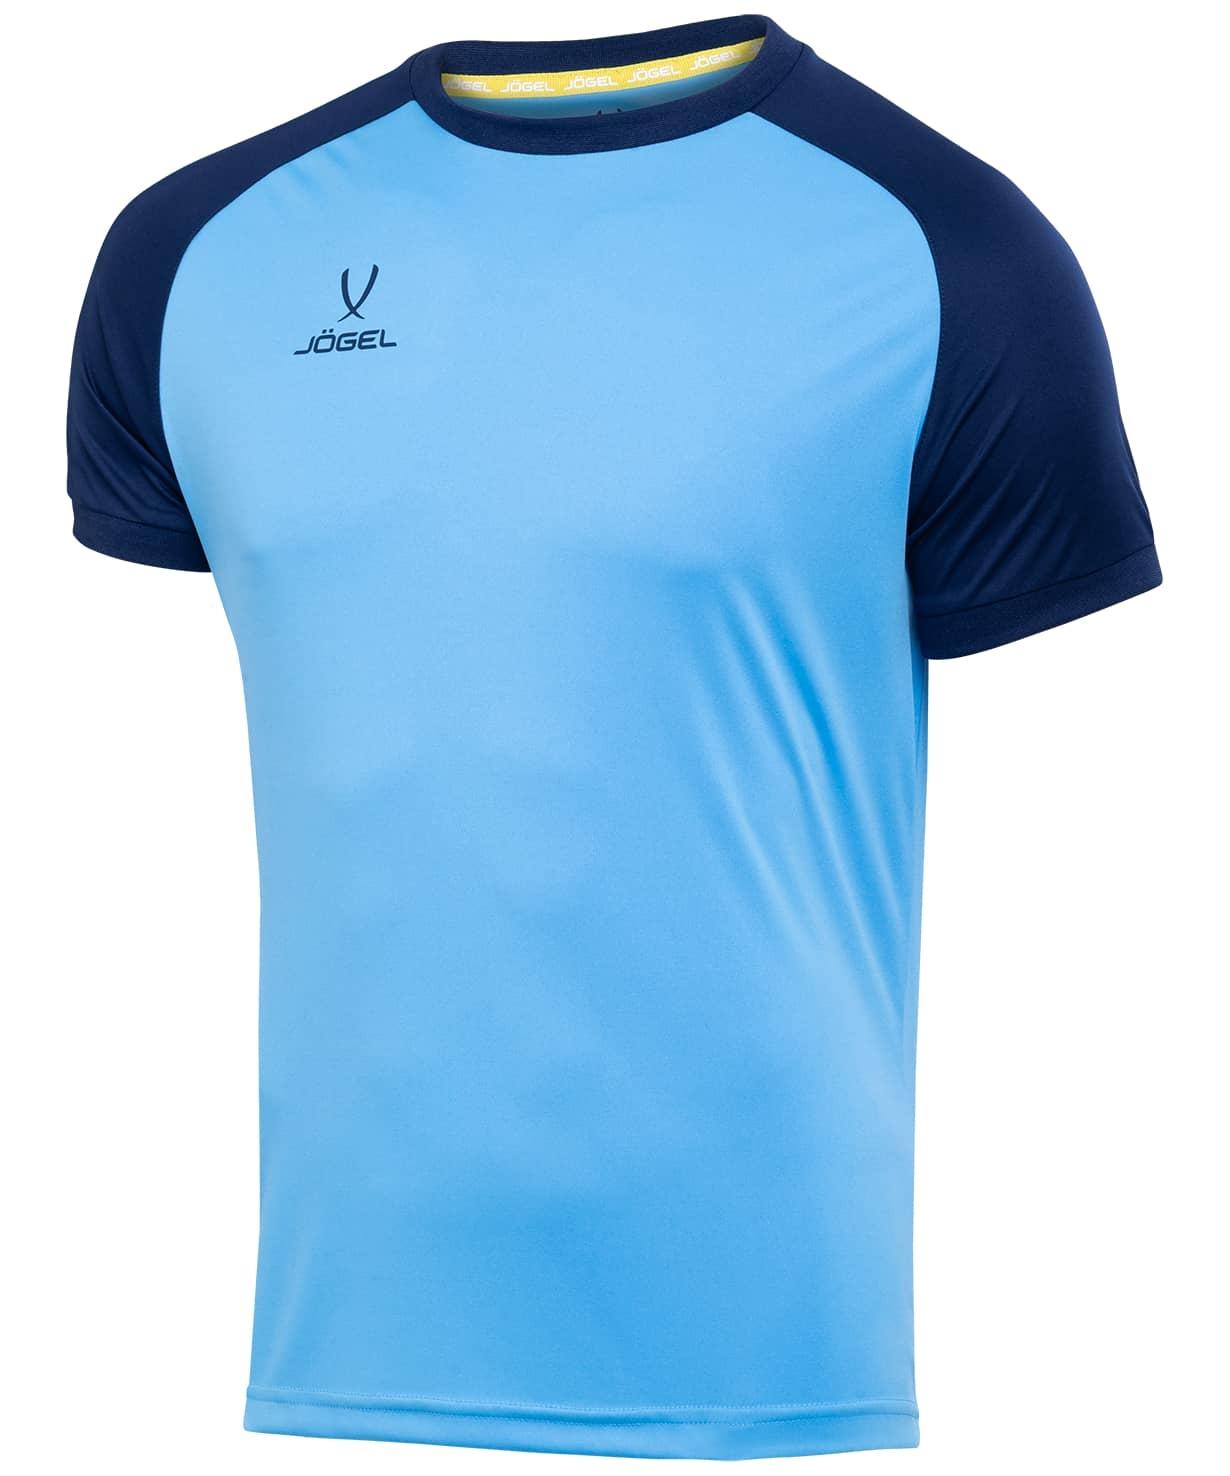 Футболка игровая CAMP Reglan Jersey JFT-1021-061-K, синий/темно-синий, детская